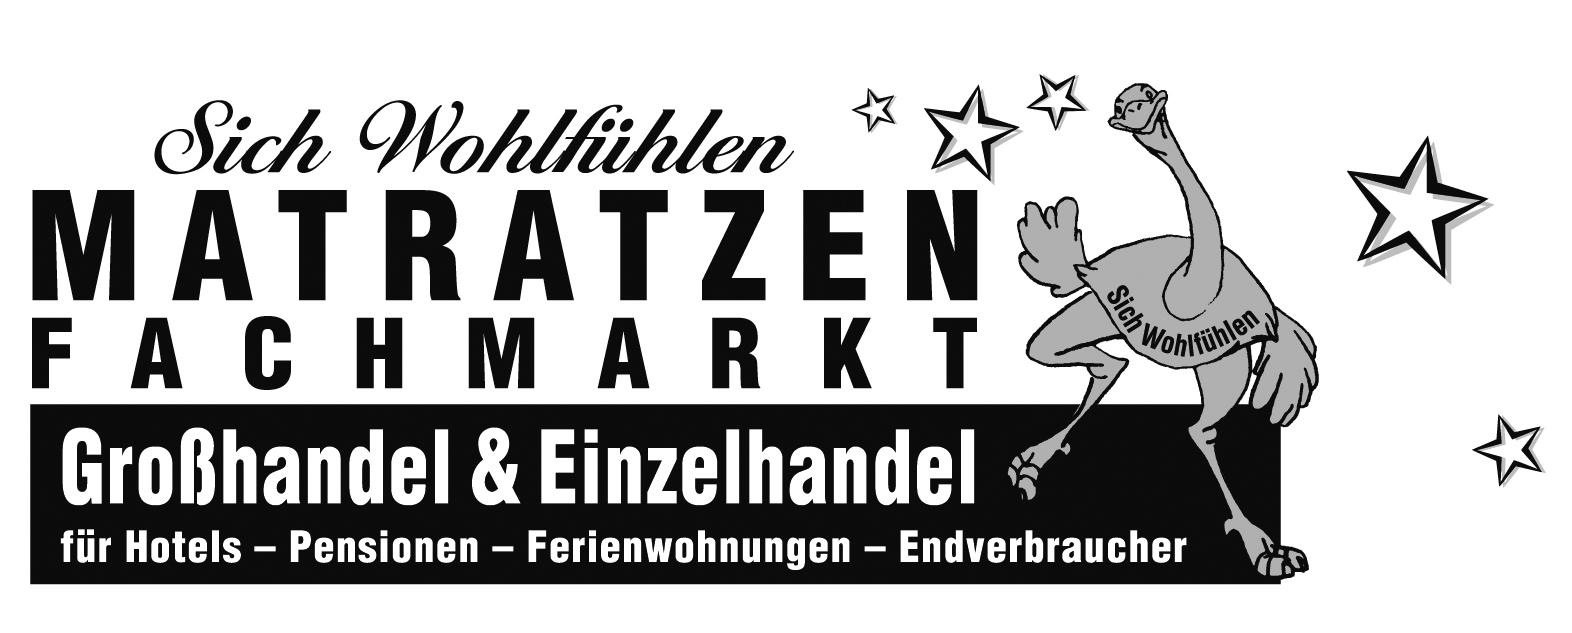 Sich Wohlfühlen - Matratzen Fachmarkt Strauß Nordheim